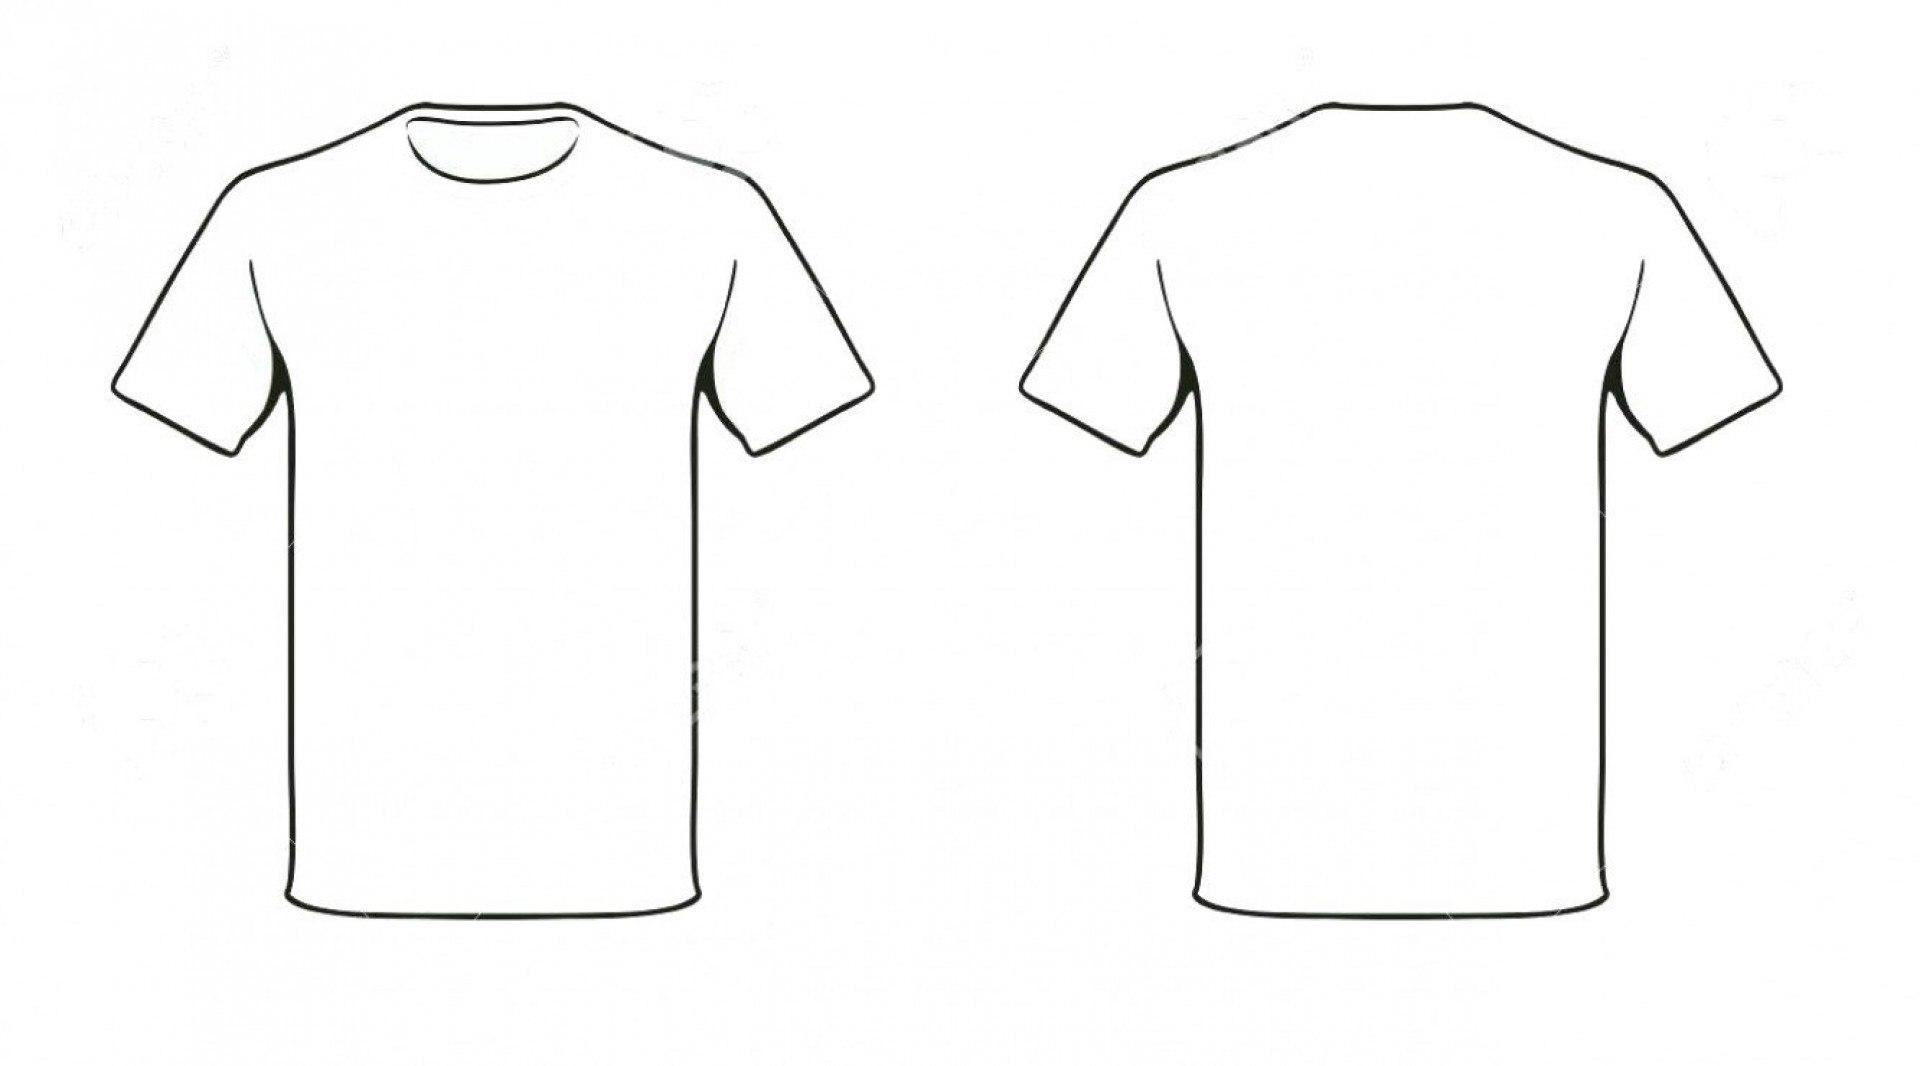 T Shirt Design Template Psd Ideas Blank Free Lauren Striking For Blank T Shirt Design Template Psd